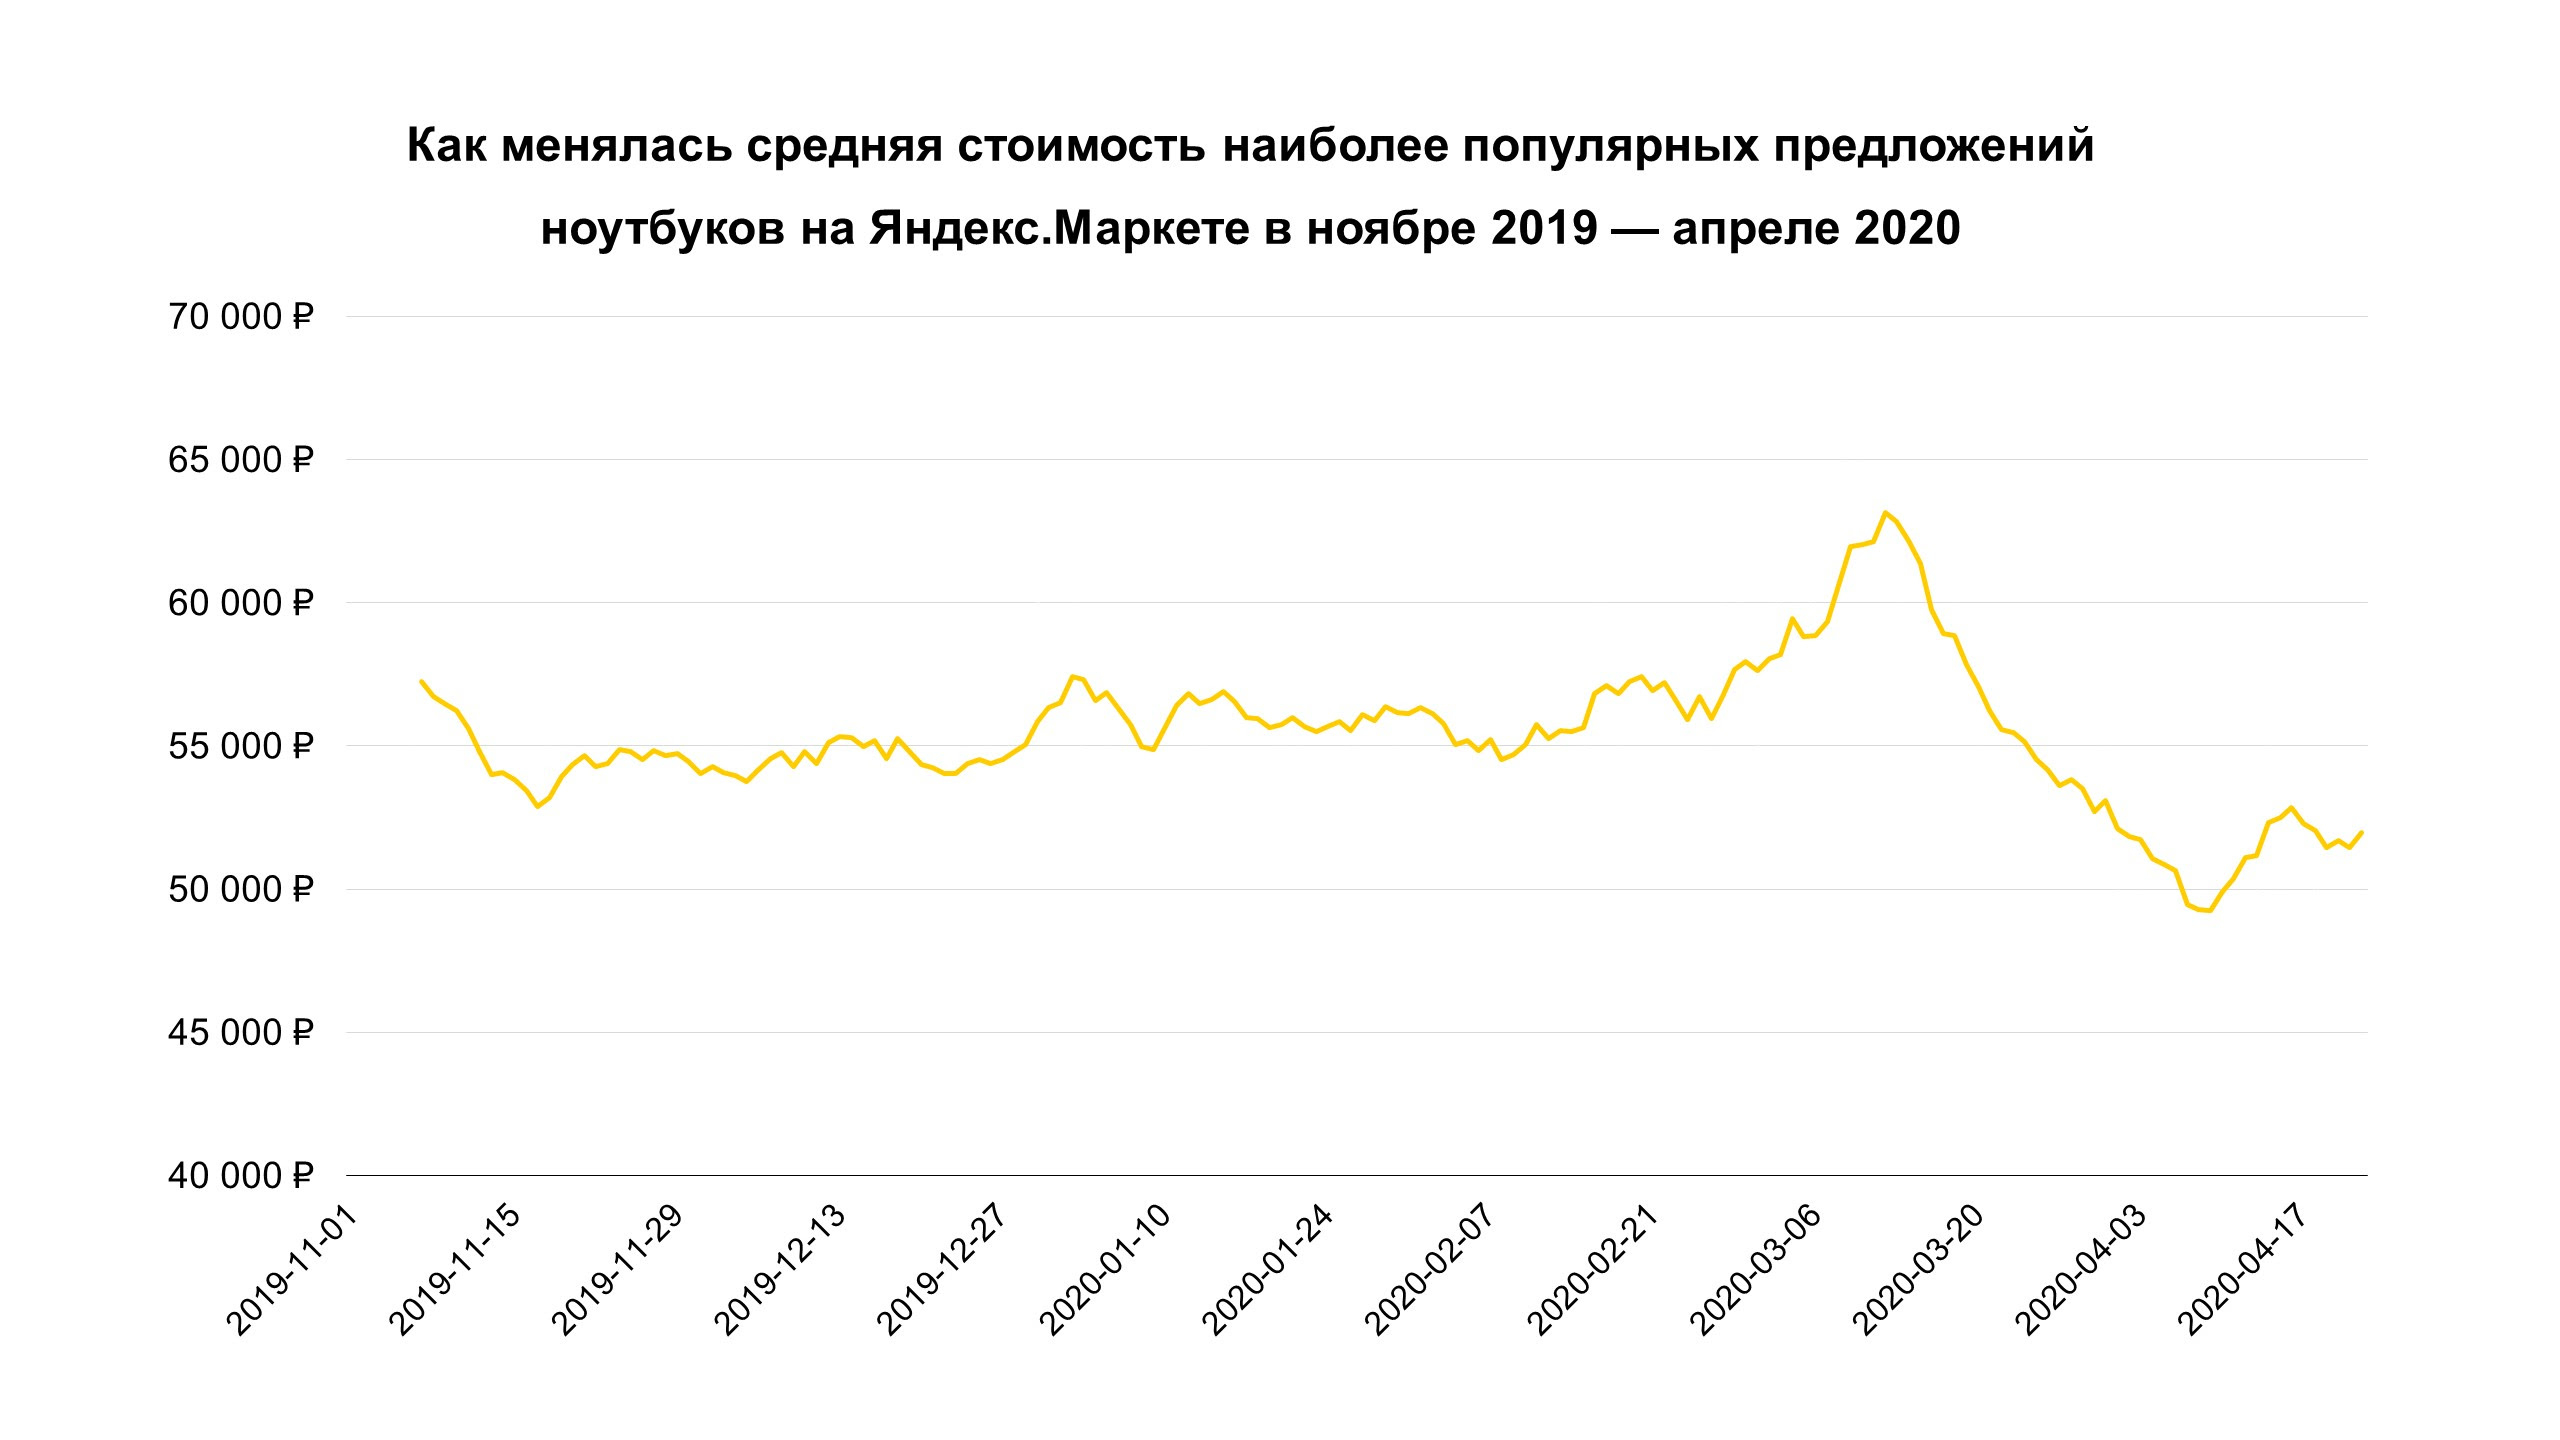 курс рубля режим самоизоляции встряхнули рынок ноутбуков россии